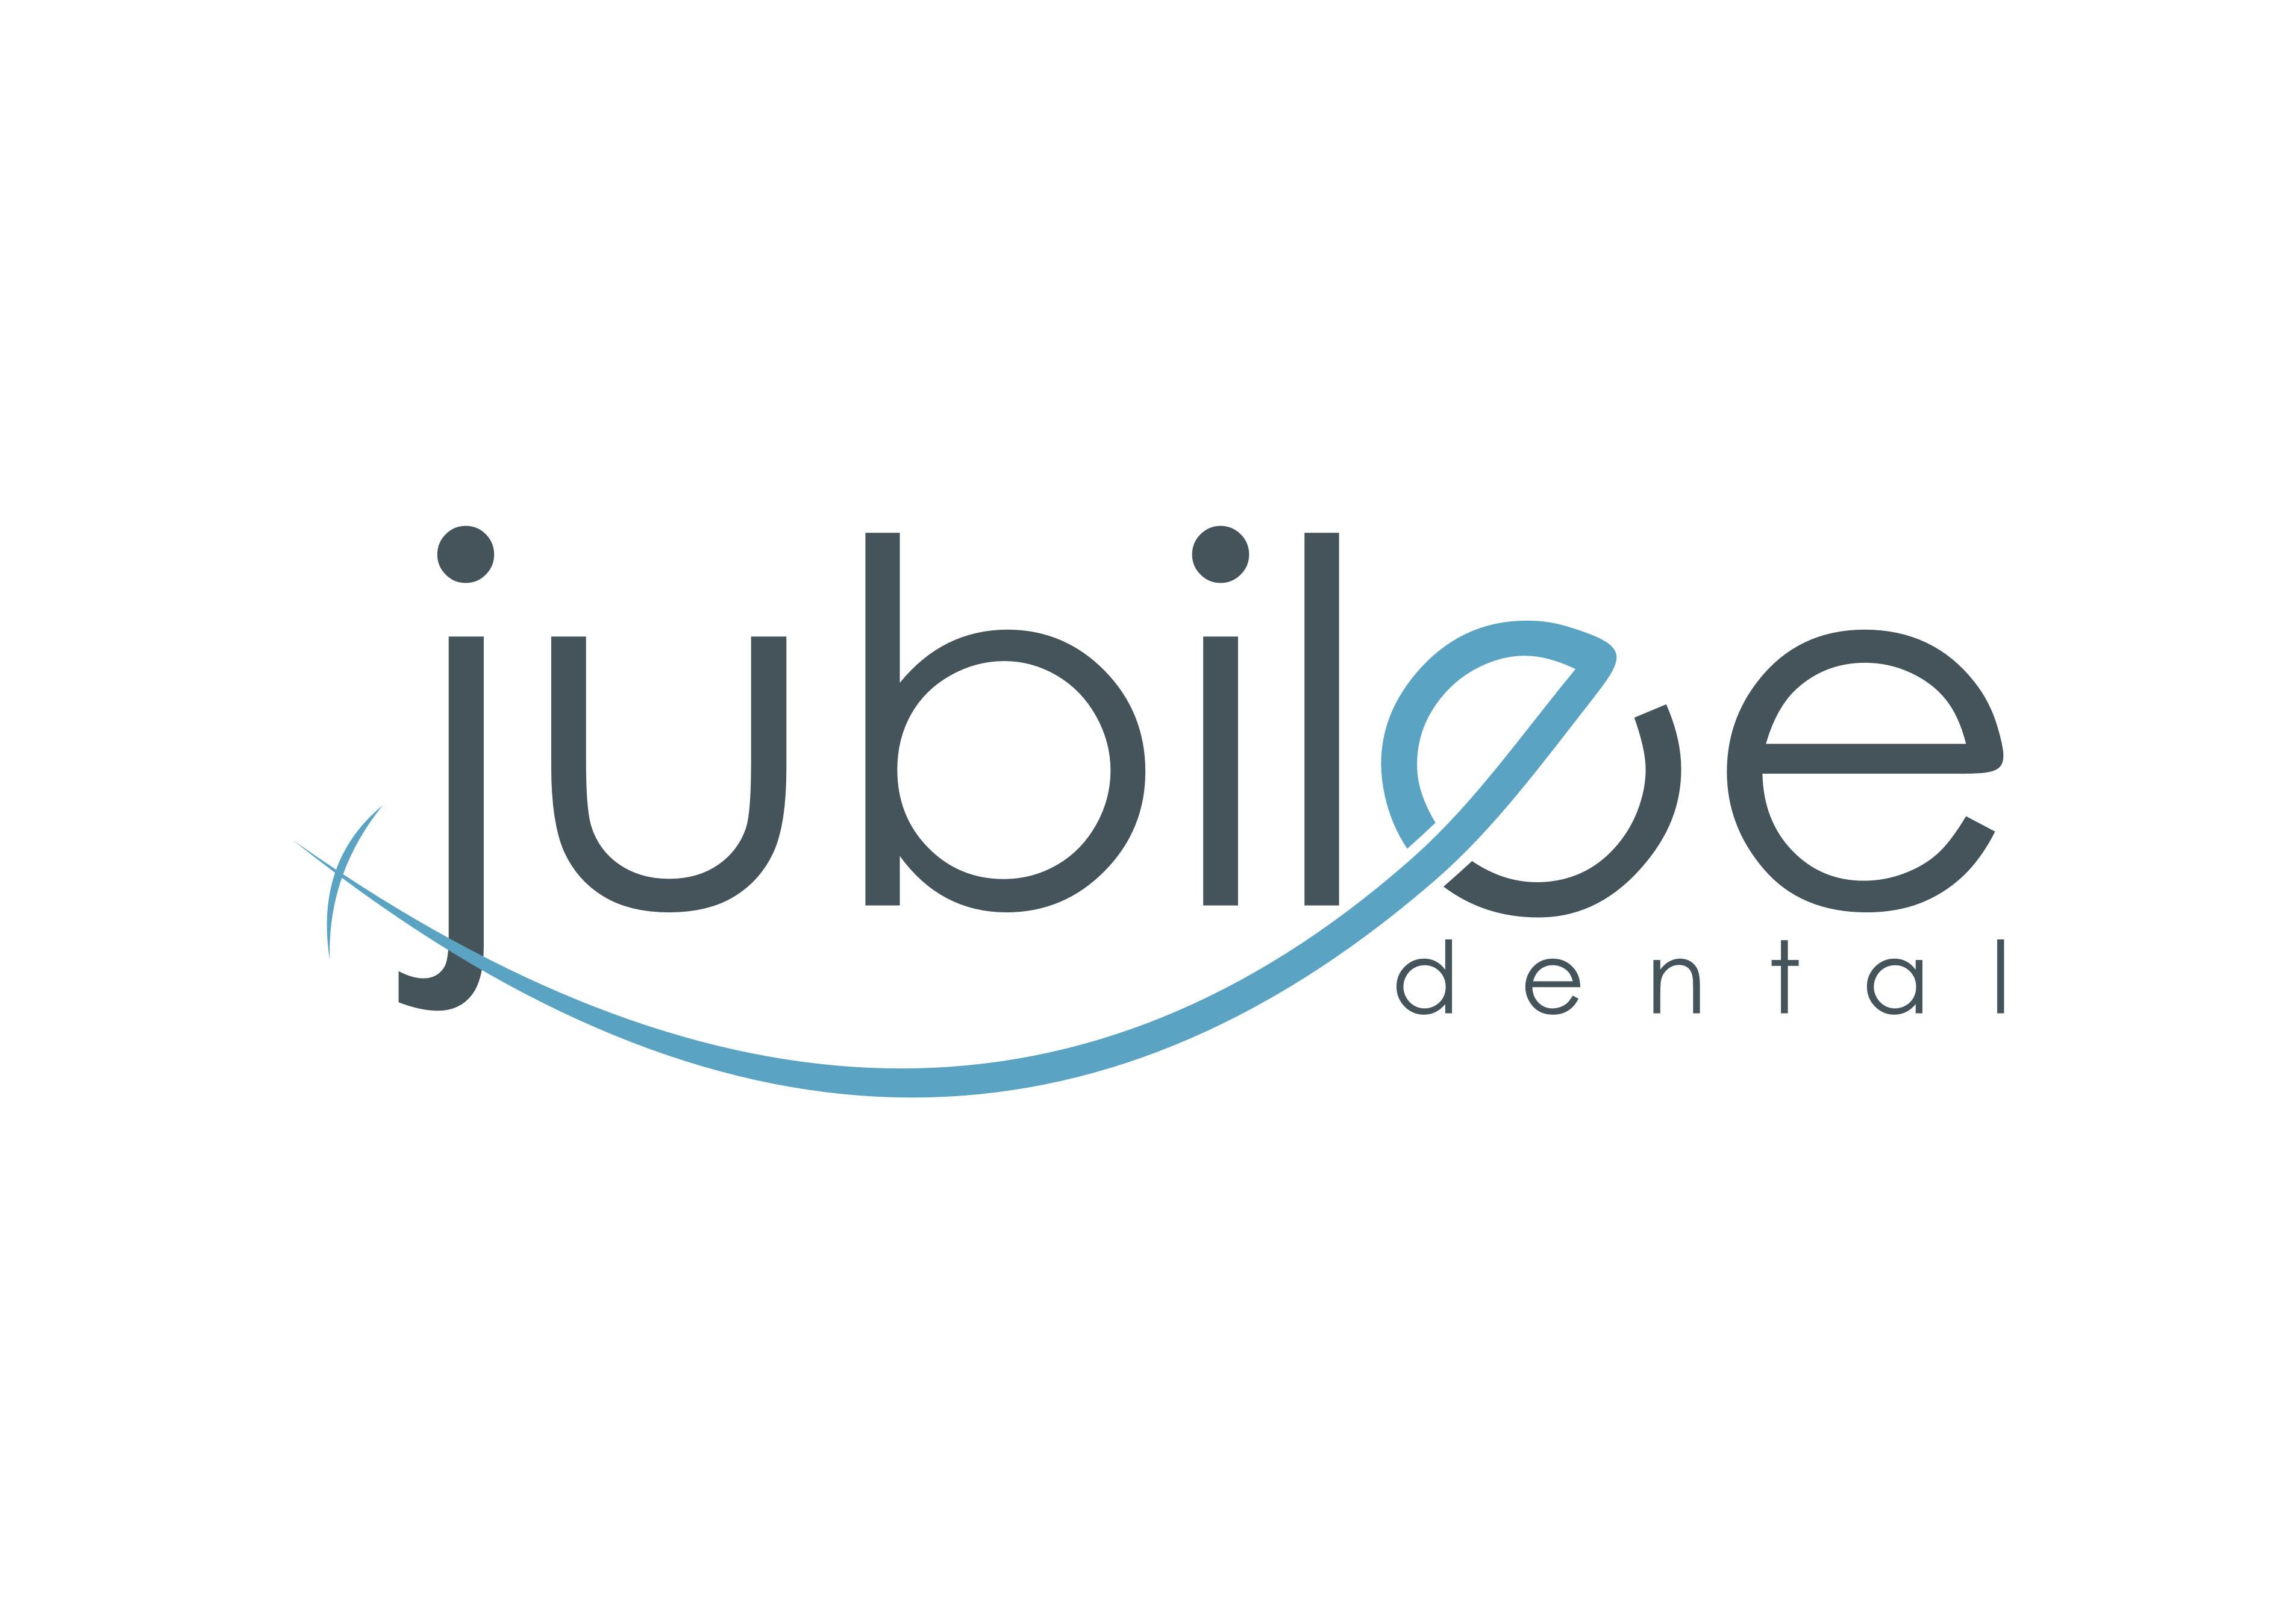 Jubilee Dental